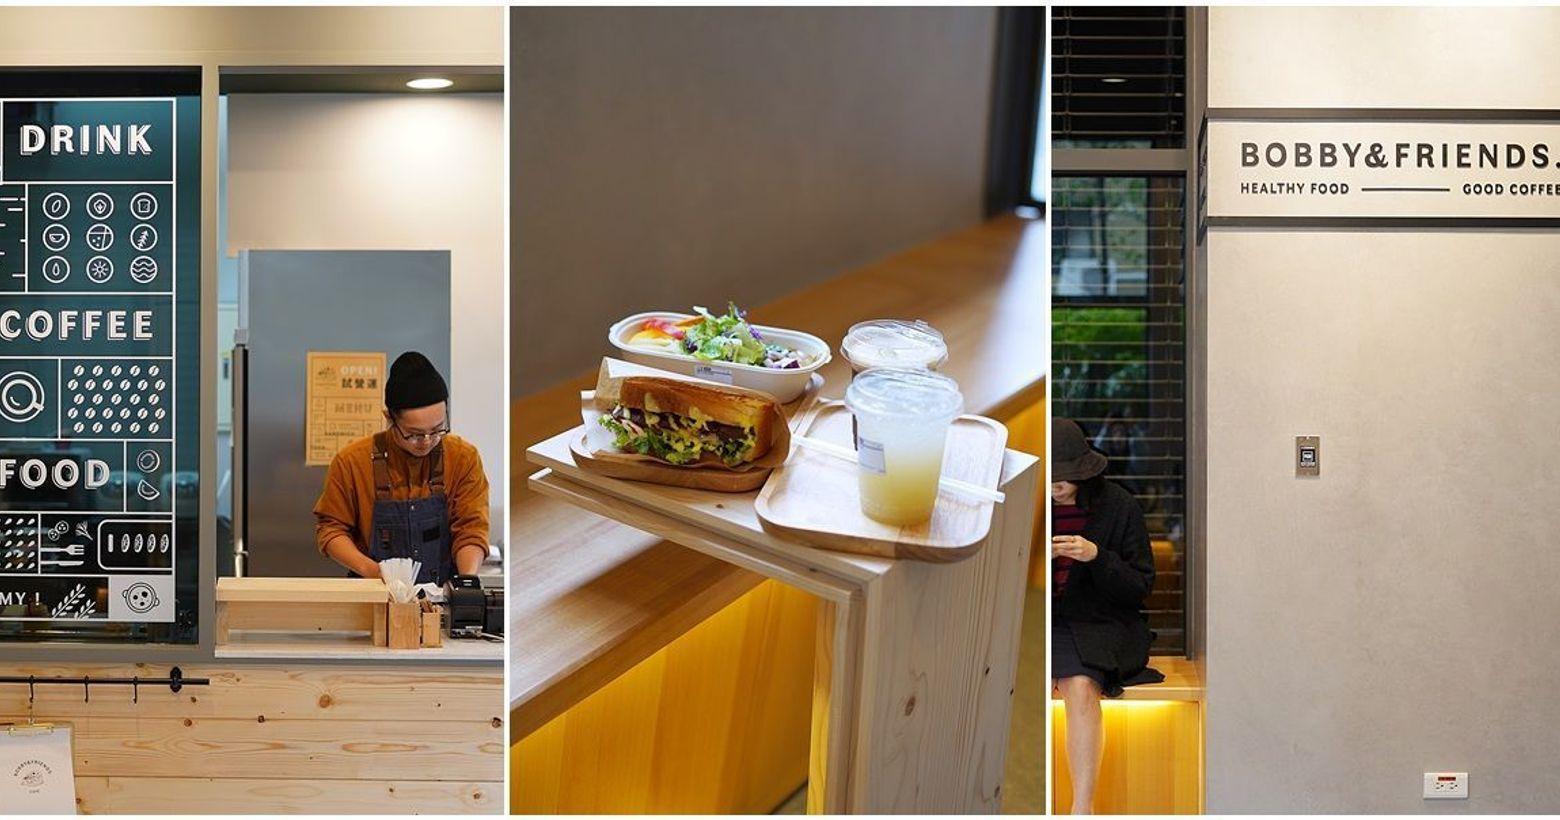 中山咖啡廳│Bobby & Friends. Cafe 巴比咖啡商行 早上8點就開了! 早午餐、輕食